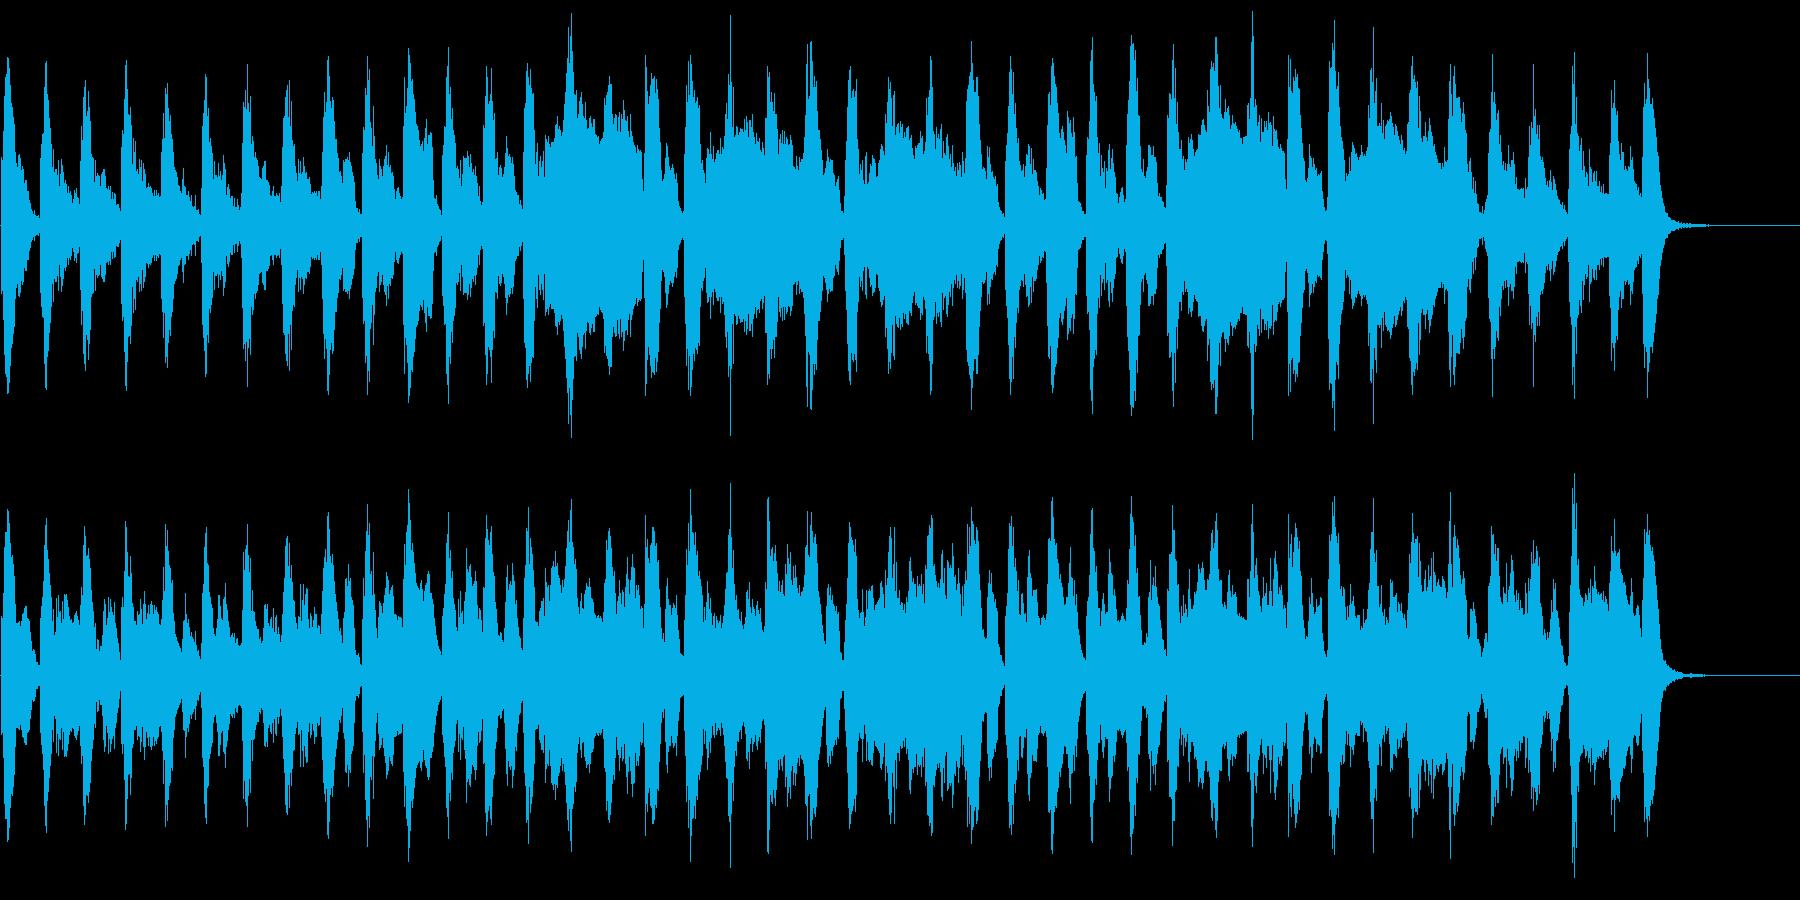 動画広告 30秒 トランペット 楽しいの再生済みの波形